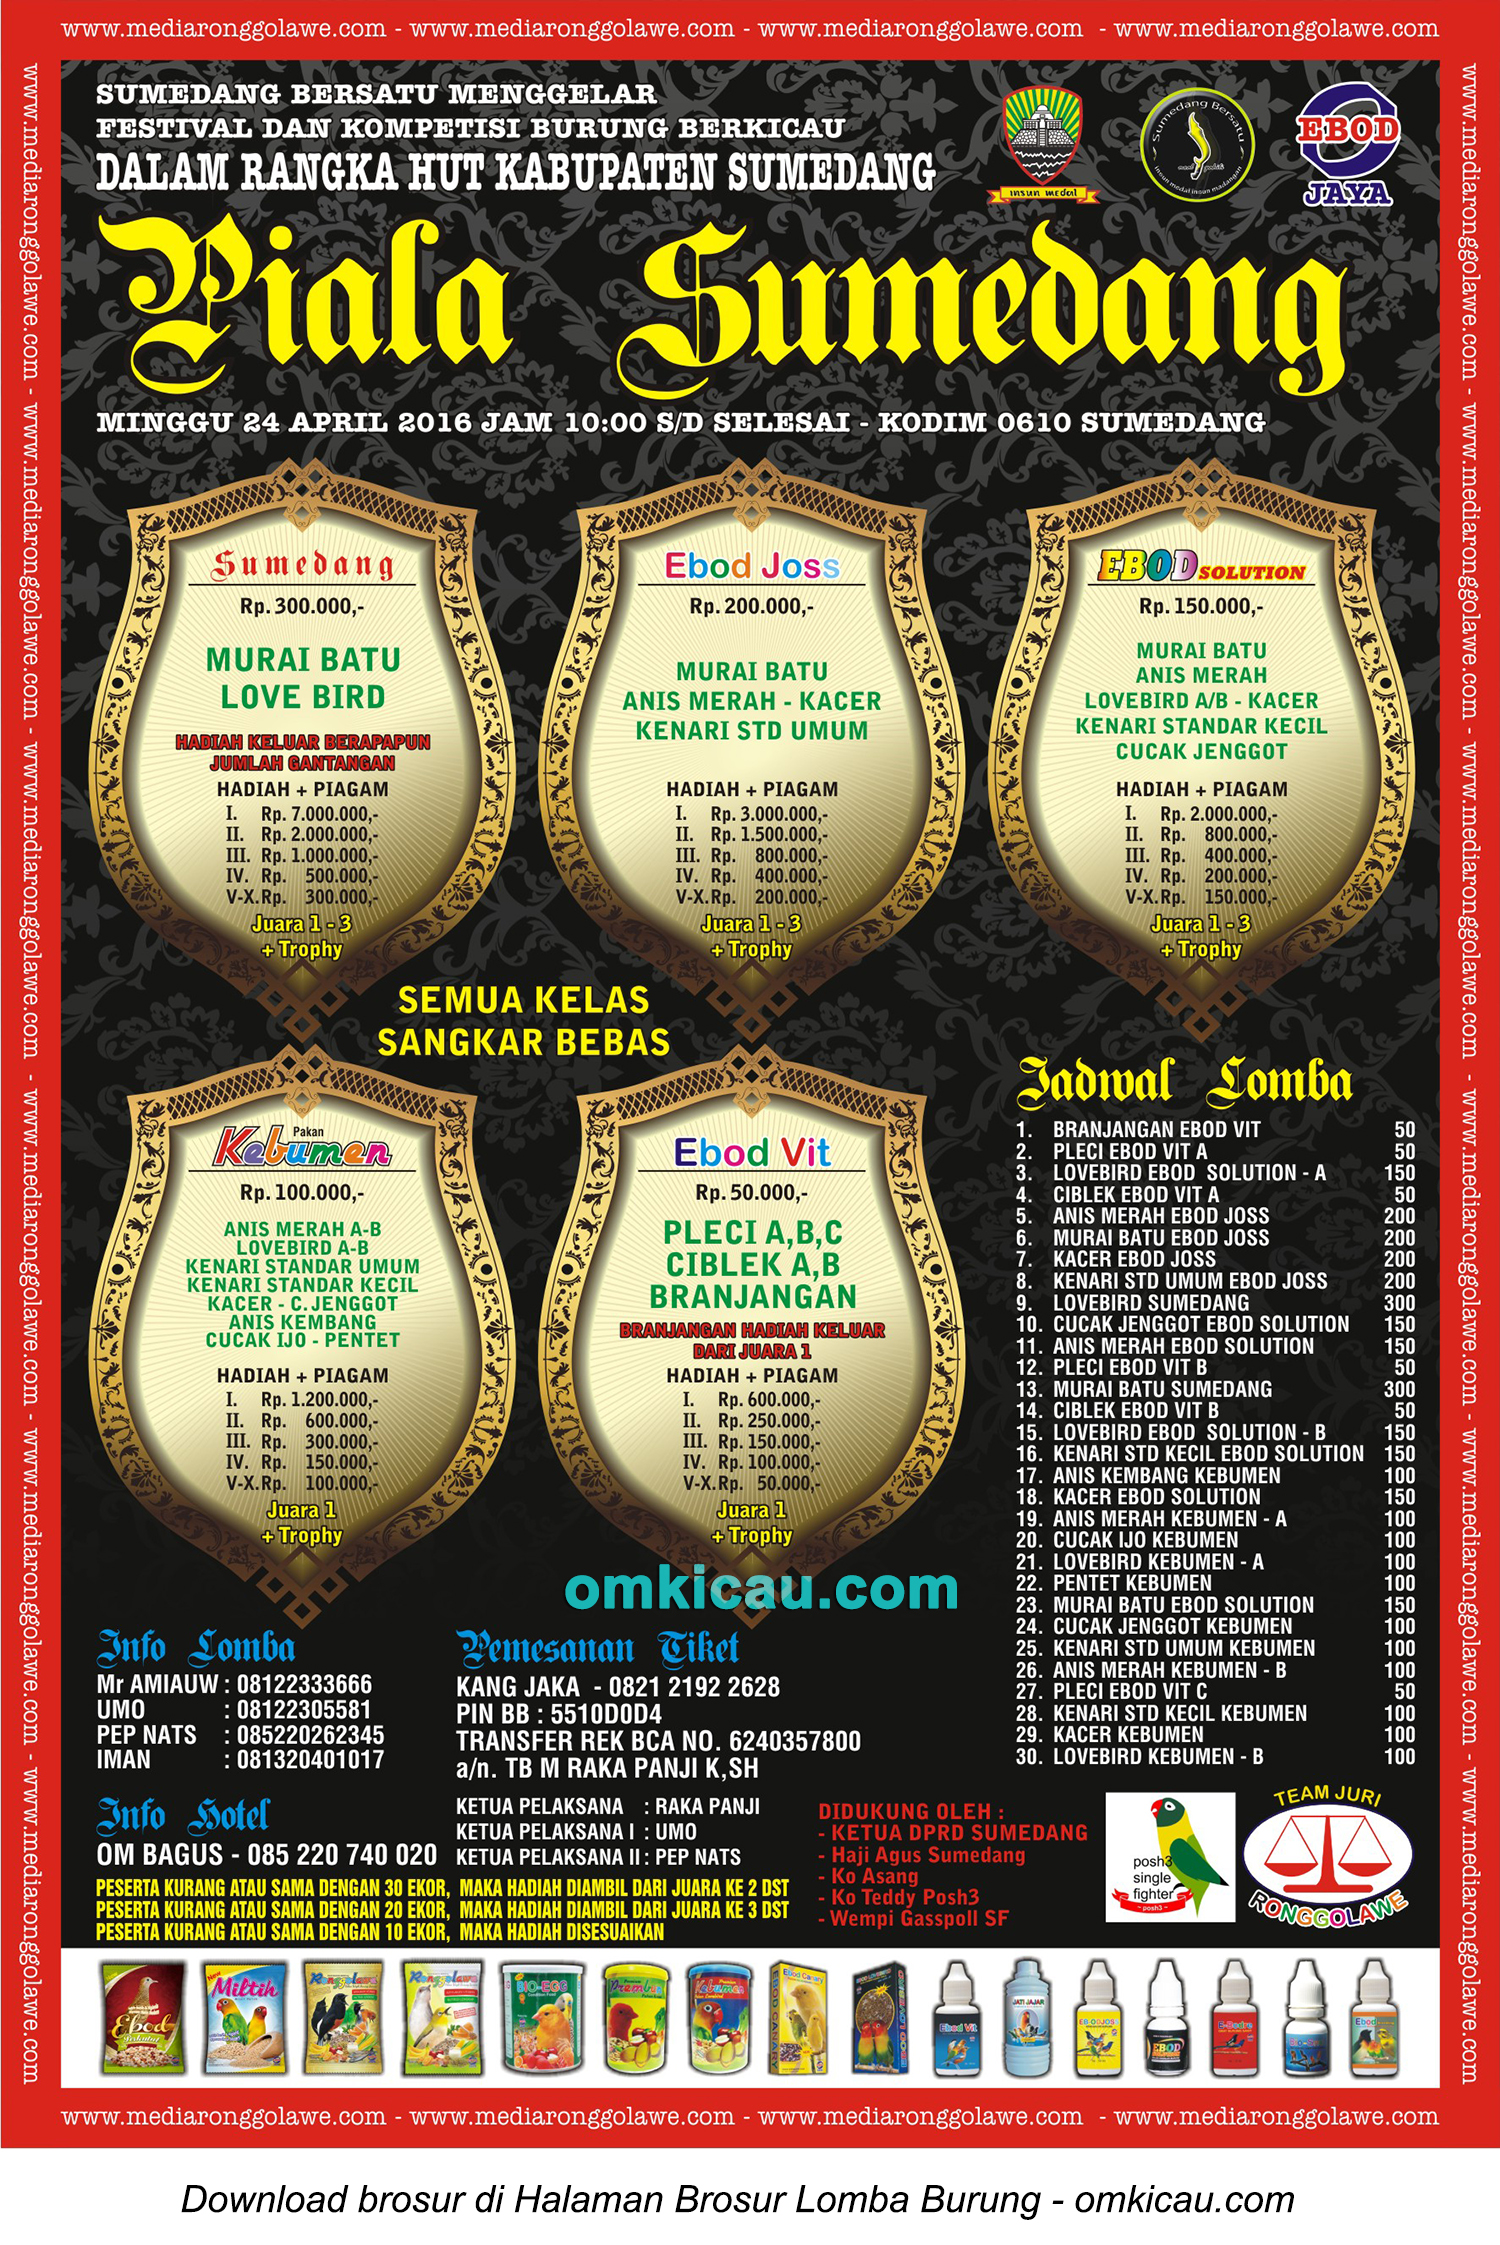 Brosur Lomba Burung Berkicau Piala Sumedang, 24 April 2016